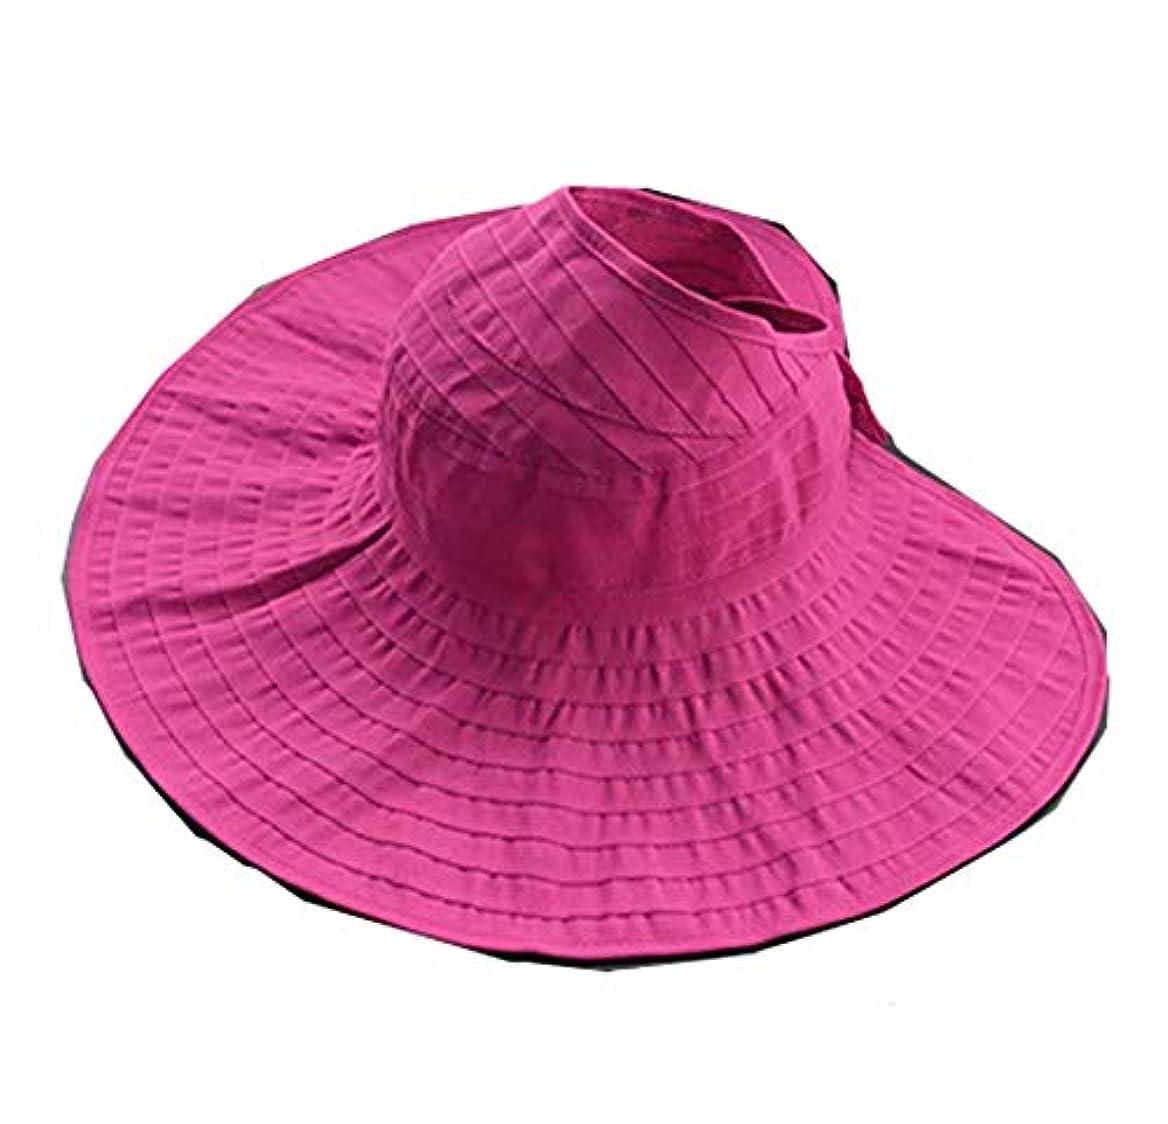 違うマッシュ先駆者Yongqinghui 帽子 レディース 野生の春秋 旅行サンバイザー UV保護 顔 サンハット 空のトップサンハット